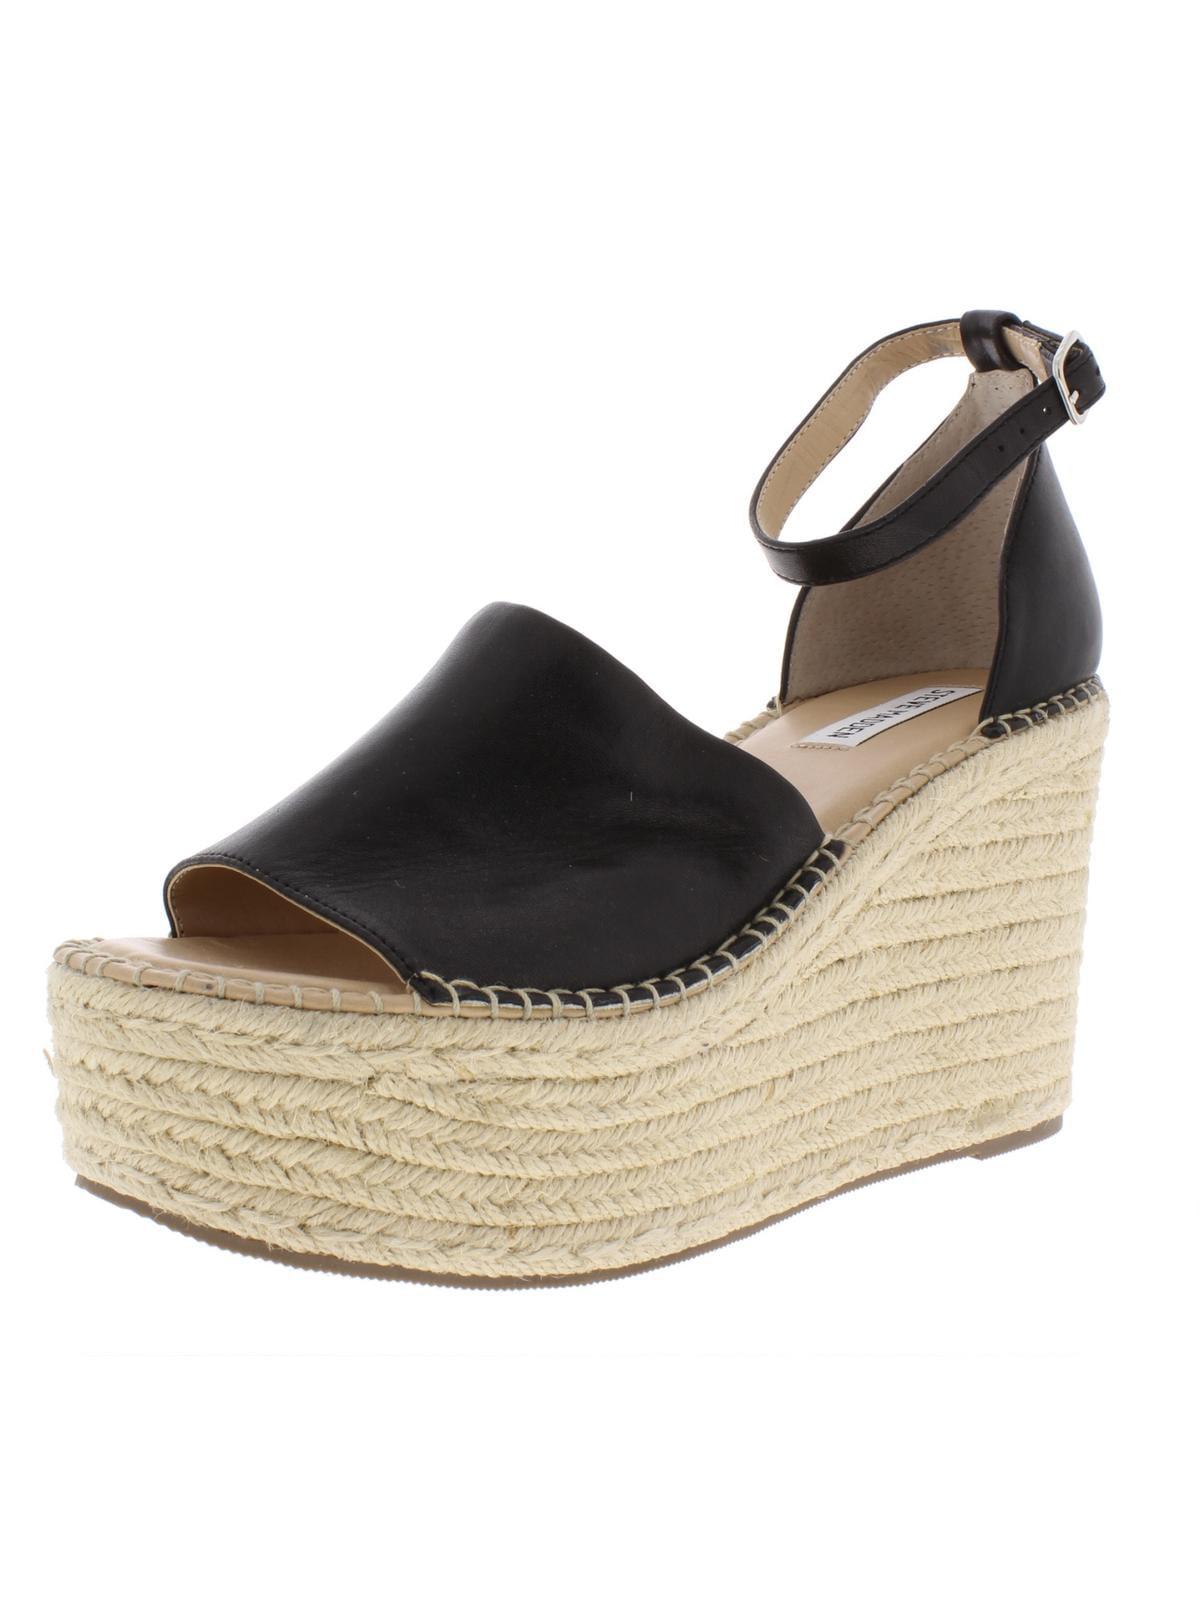 Steve Madden Womens Sway Leather Espadrilles Platform Sandals